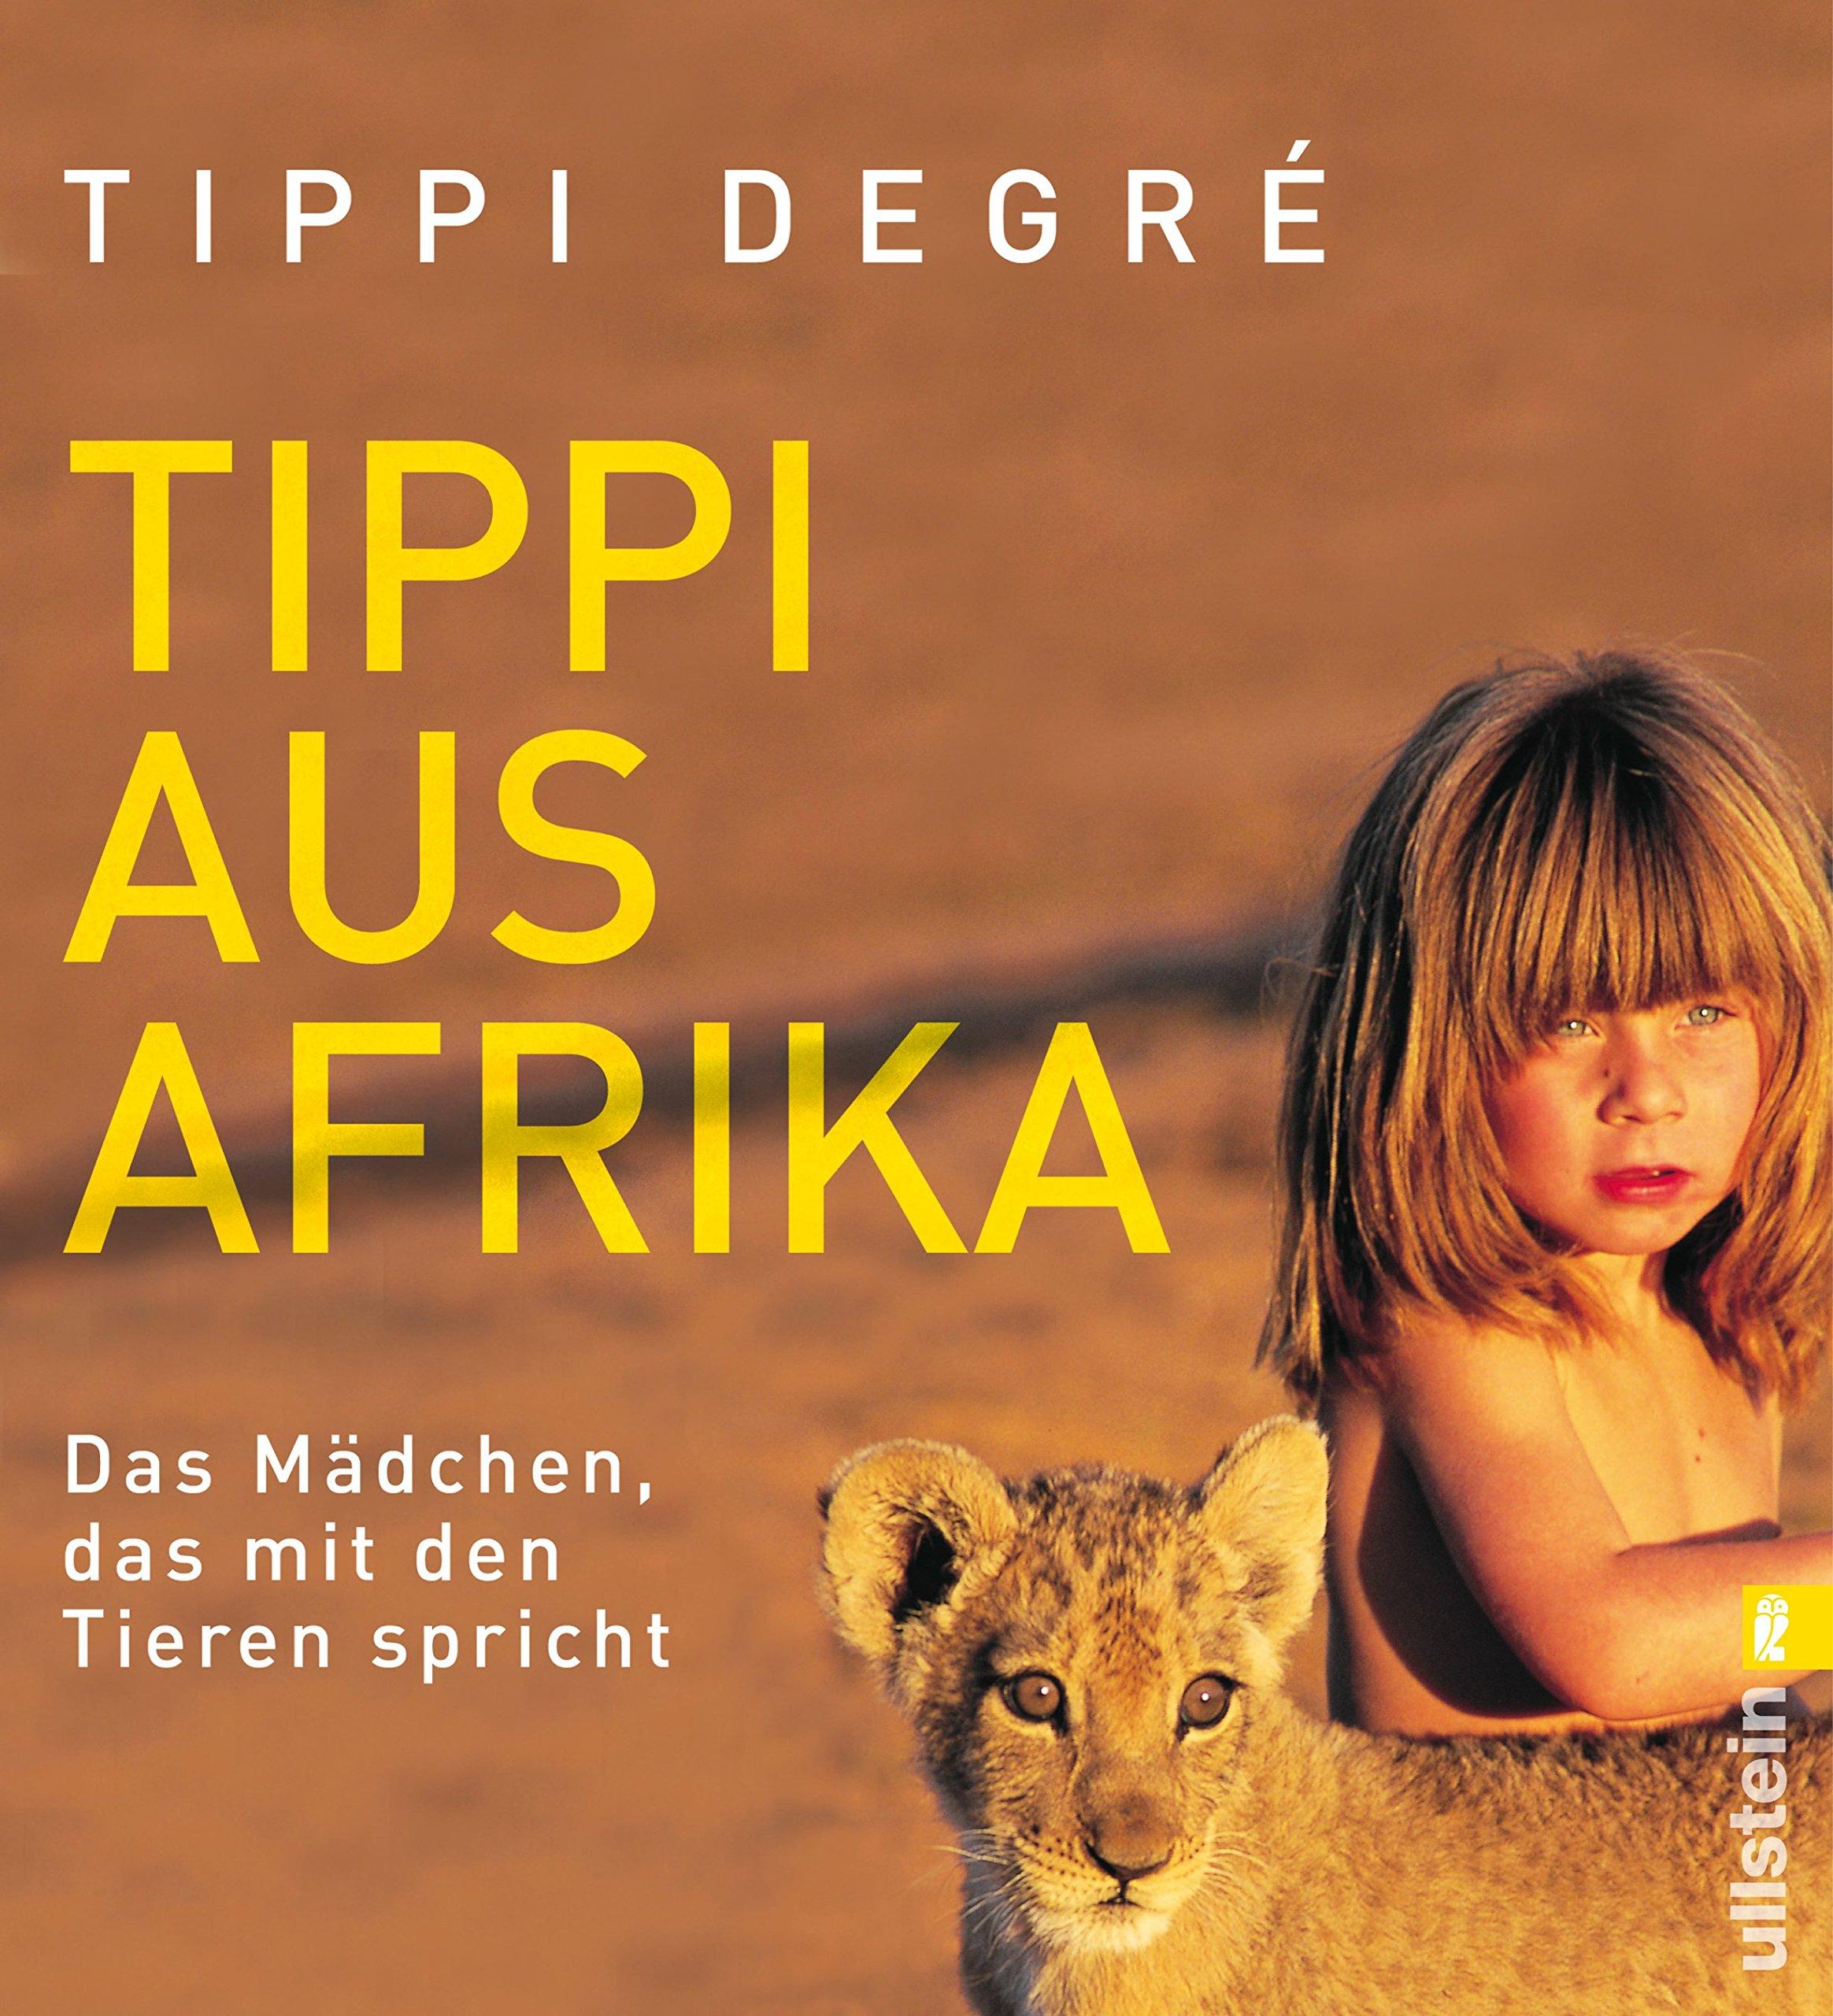 d7bc4958a0 Tippi aus Afrika: Das Mädchen, das mit den Tieren spricht: Amazon.de: Tippi  Degré: Bücher